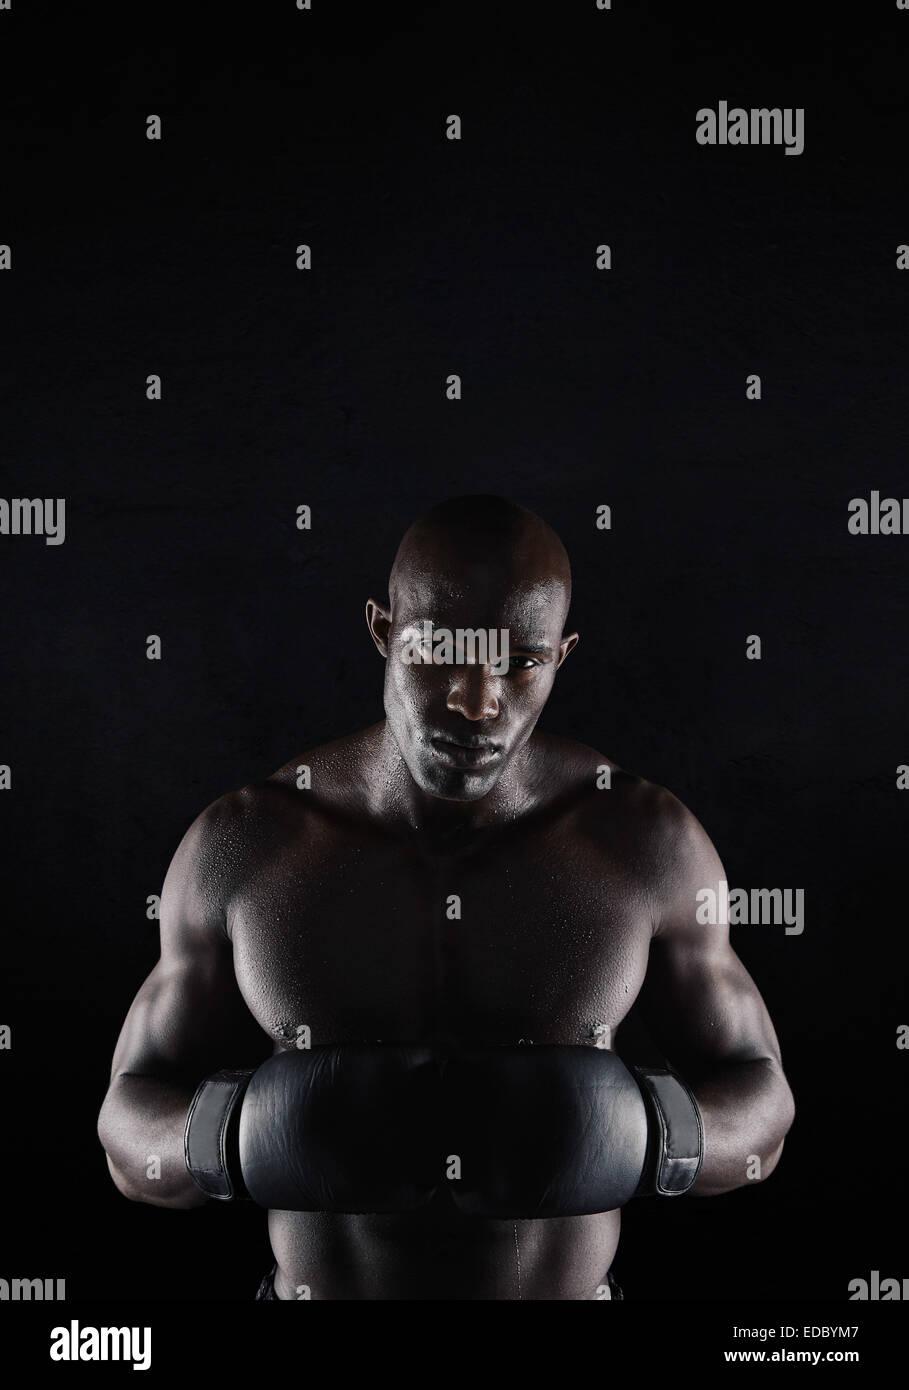 Portrait of professional male boxer contre l'arrière-plan noir. Fort et musclé young man in boxing Photo Stock